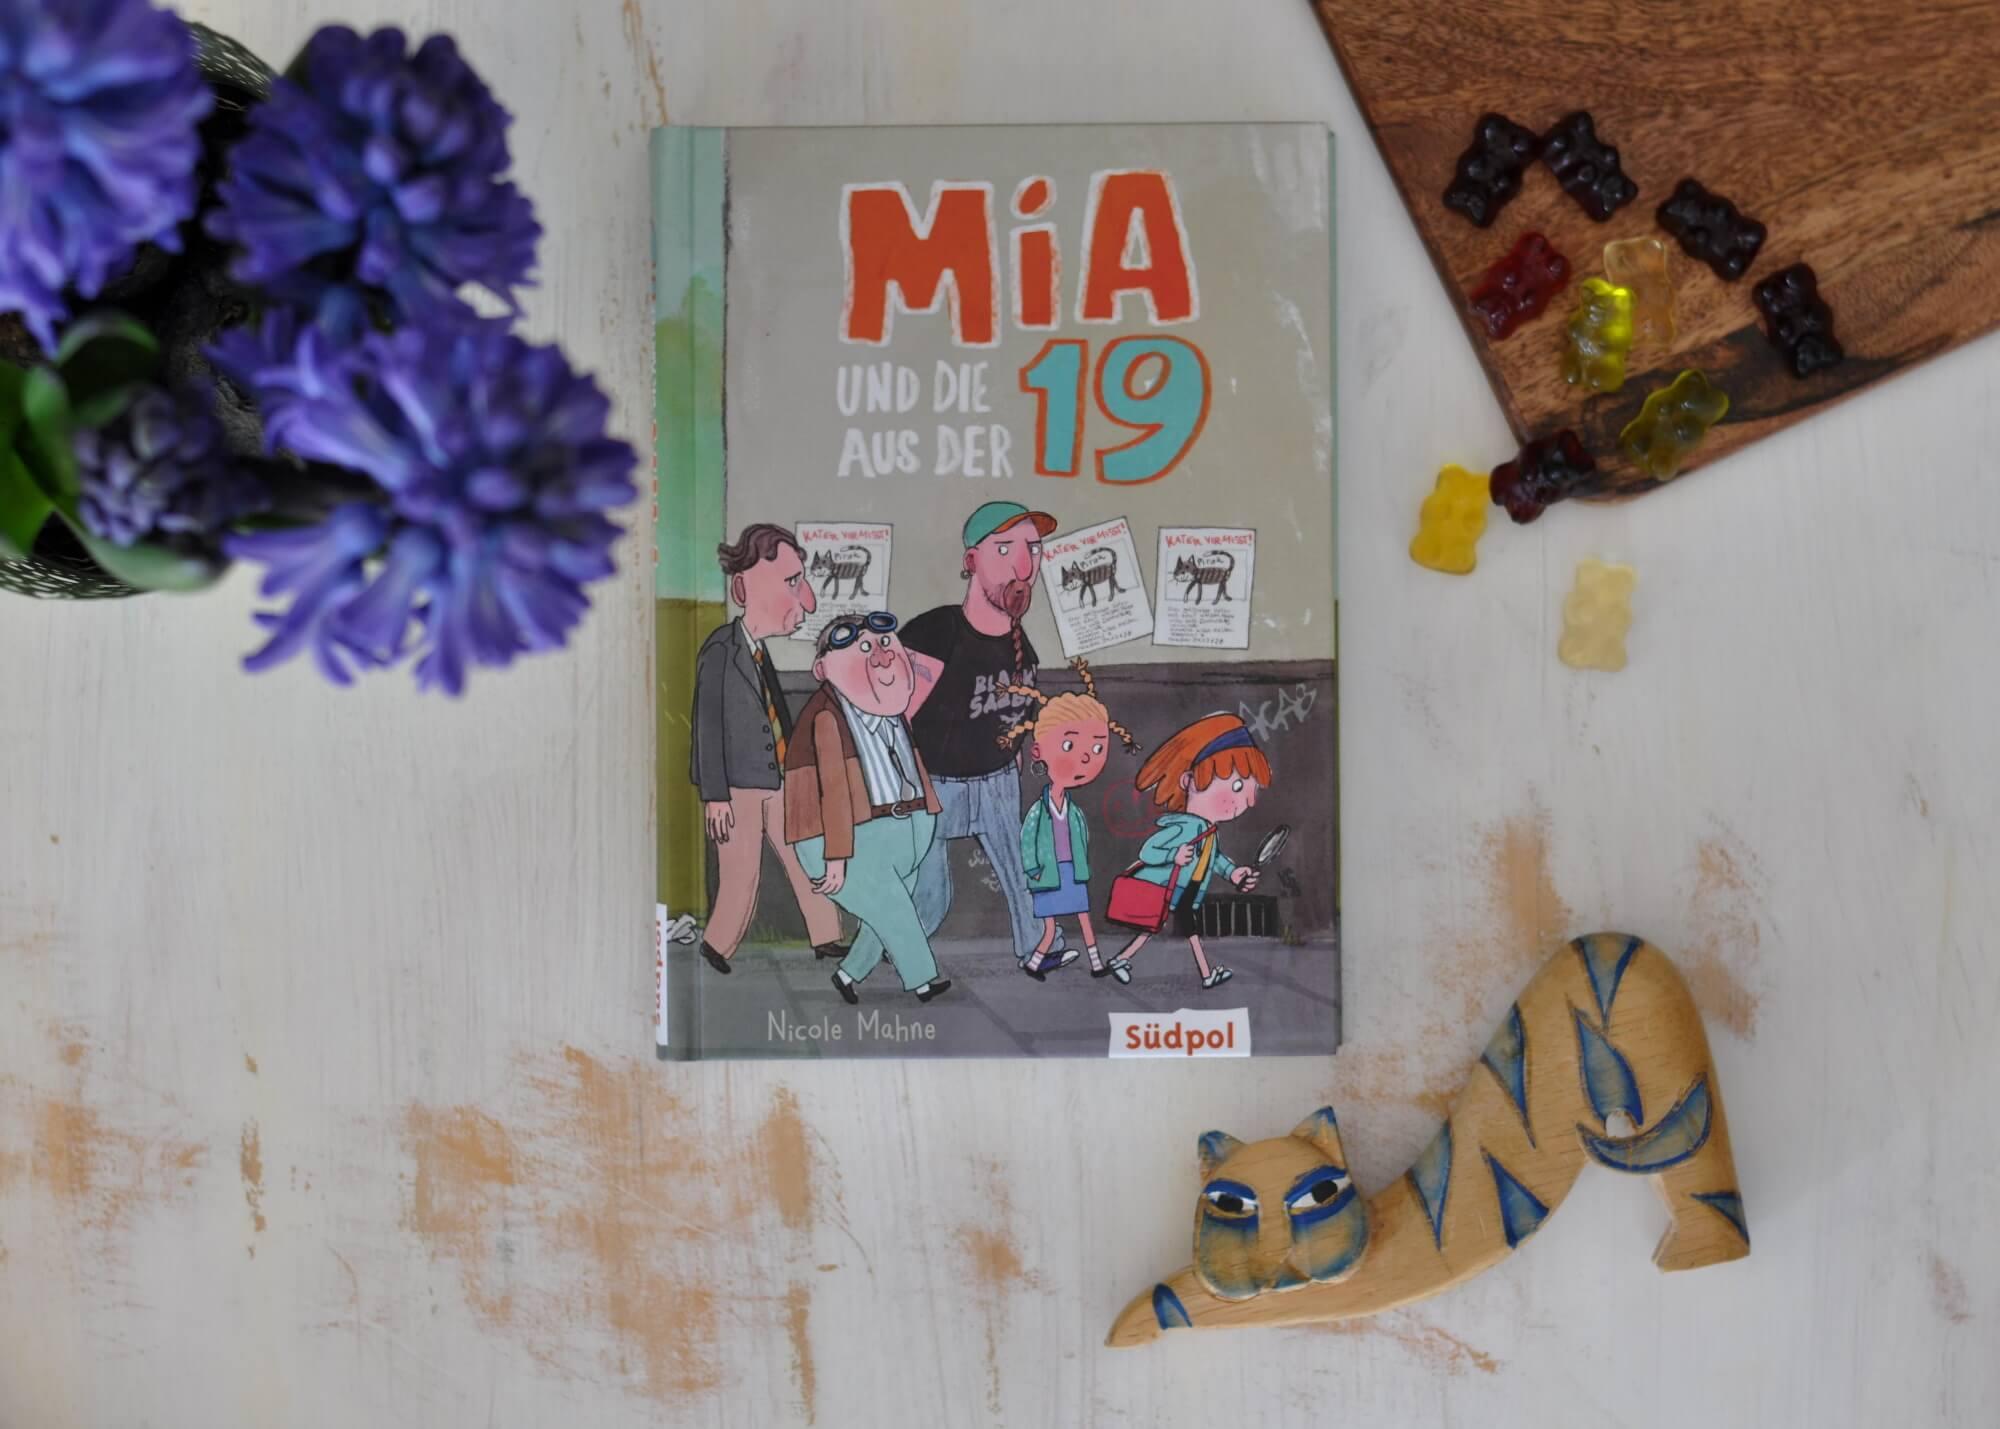 """Mia geht in die 3. Klasse und hat eigentlich Ferien, als sie eines Tages auf Herrn Rippel trifft, der in der 19, bei den """"schrägen Vögeln"""" wohnt. So nennen alle die verrückten Alten aus der Wohngemeinschaft in Mias Straße. Mia macht das aber nichts aus, sie ist nämlich to-le-rant. Und so erfährt sie, dass Pirat, die Katze von Herrn Schlottmeier, gestohlen wurde. #detektiv #kinderbuch #lesen #vorlesen #katze #generation #tolerant"""